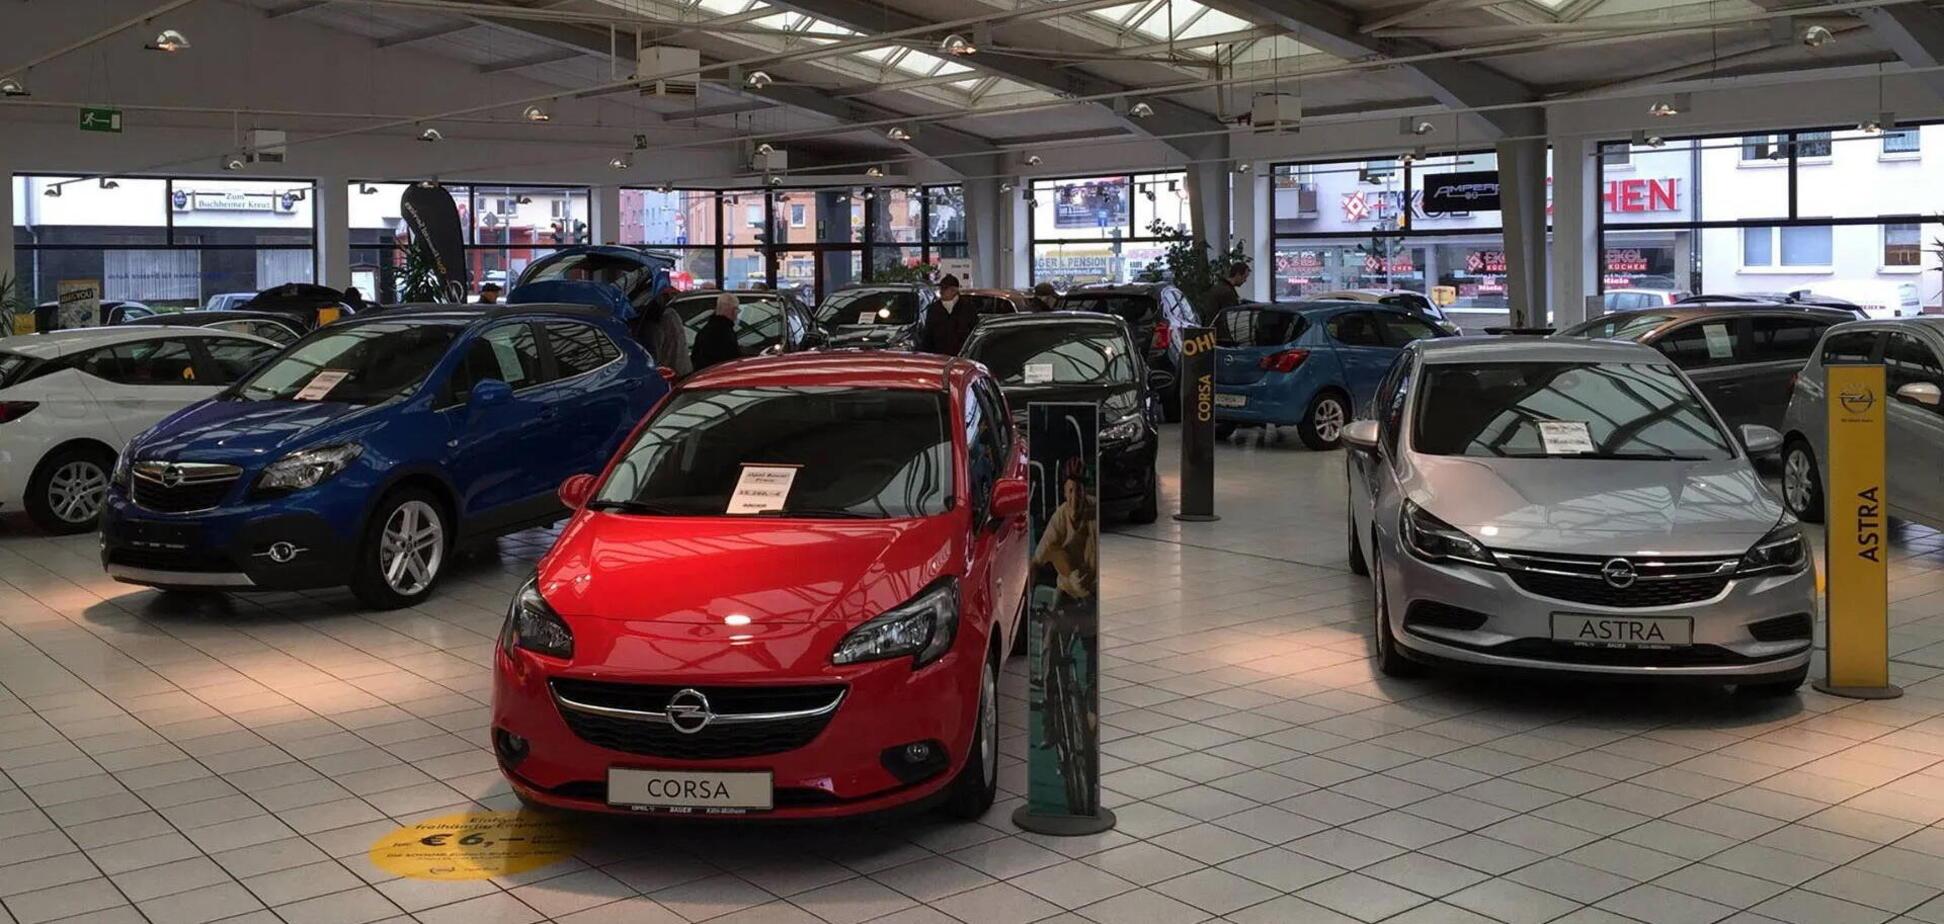 В Германии бьют тревогу: продажи новых авто упали на 40%